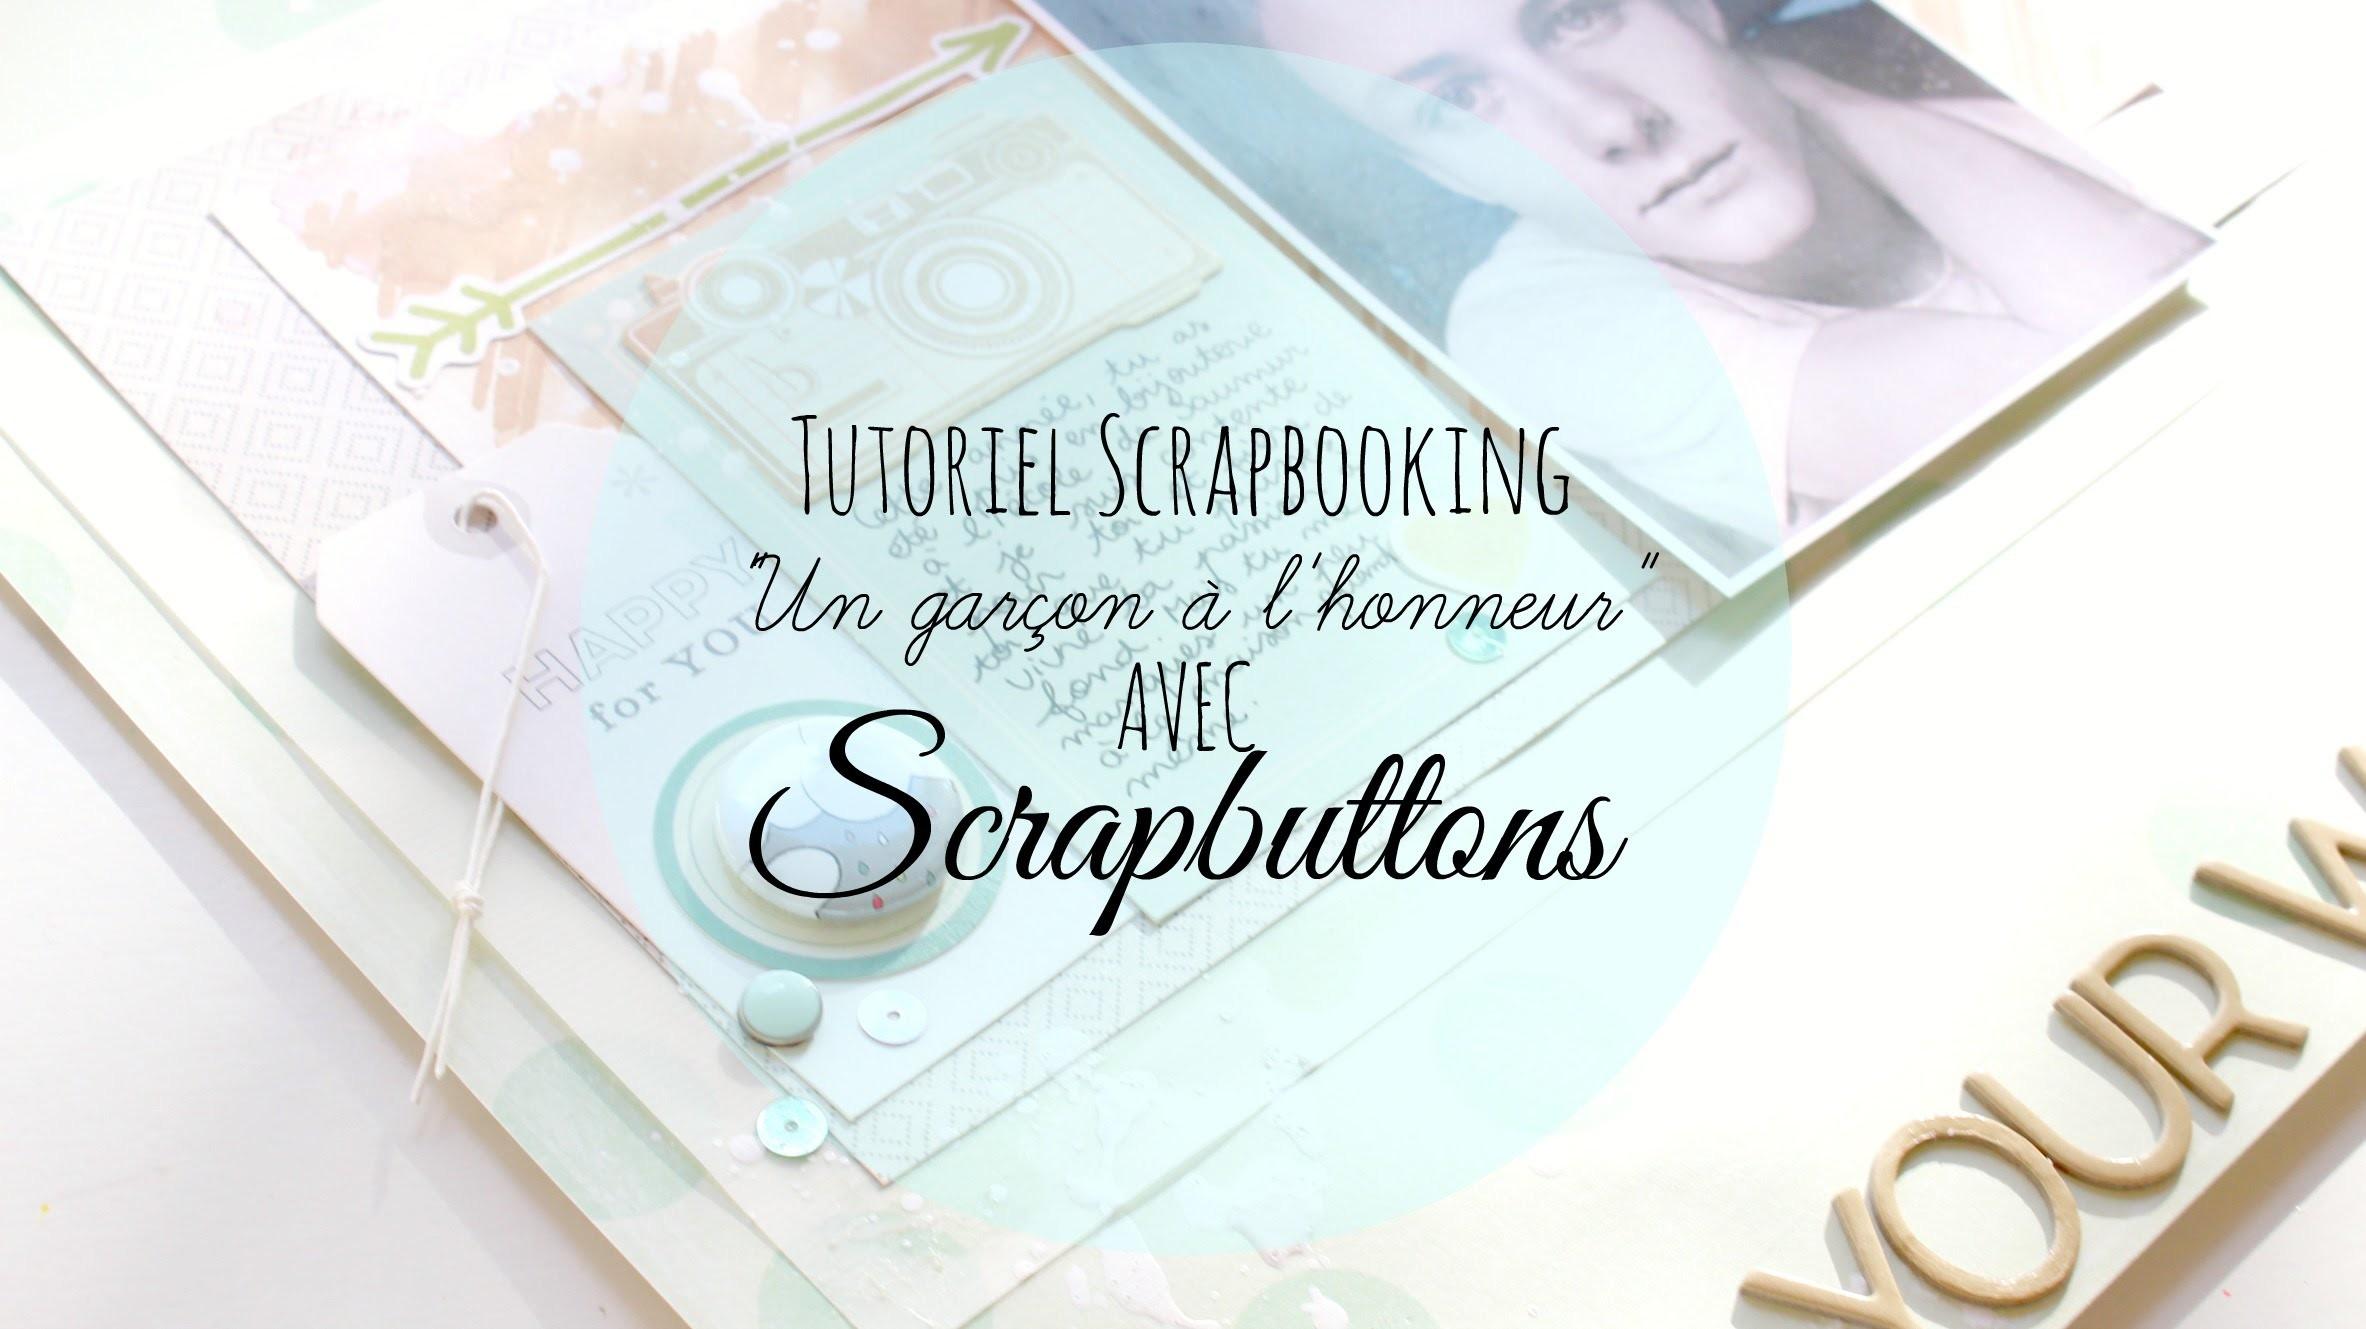 """Tutoriel Scrapbooking, """"Un garçon à l'honneur"""" avec Scrapbuttons"""